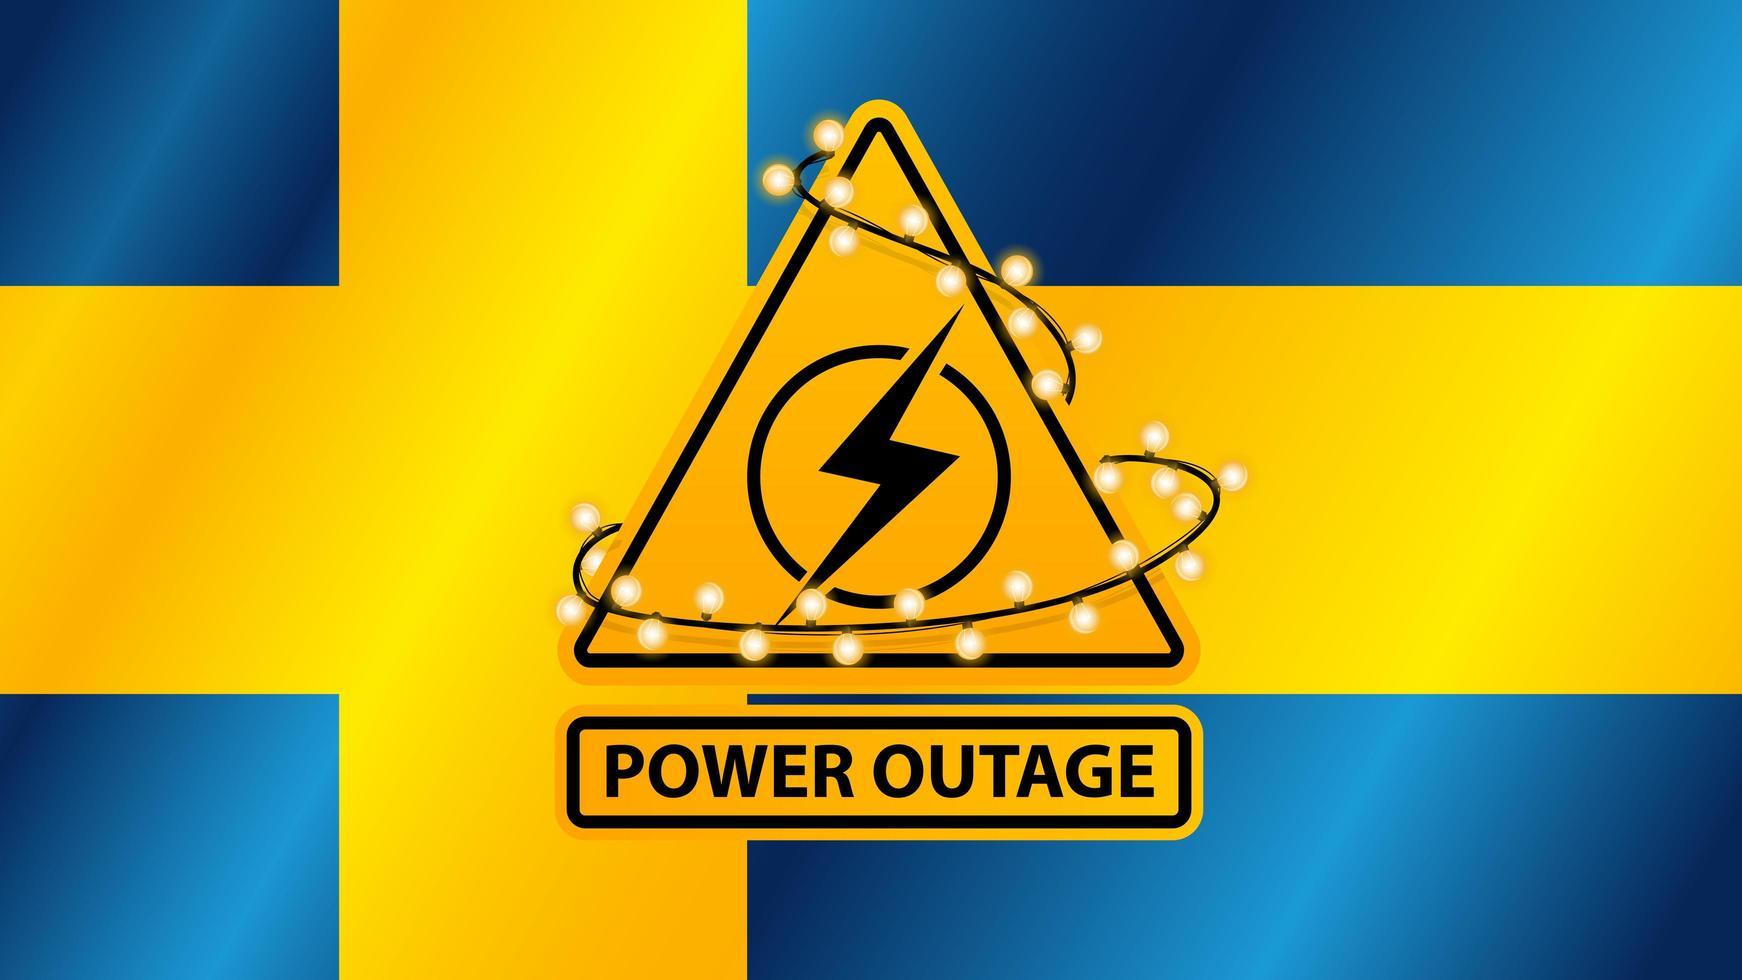 interruzione di corrente, segnale di avvertimento giallo avvolto con ghirlanda sullo sfondo della bandiera della Svezia vettore